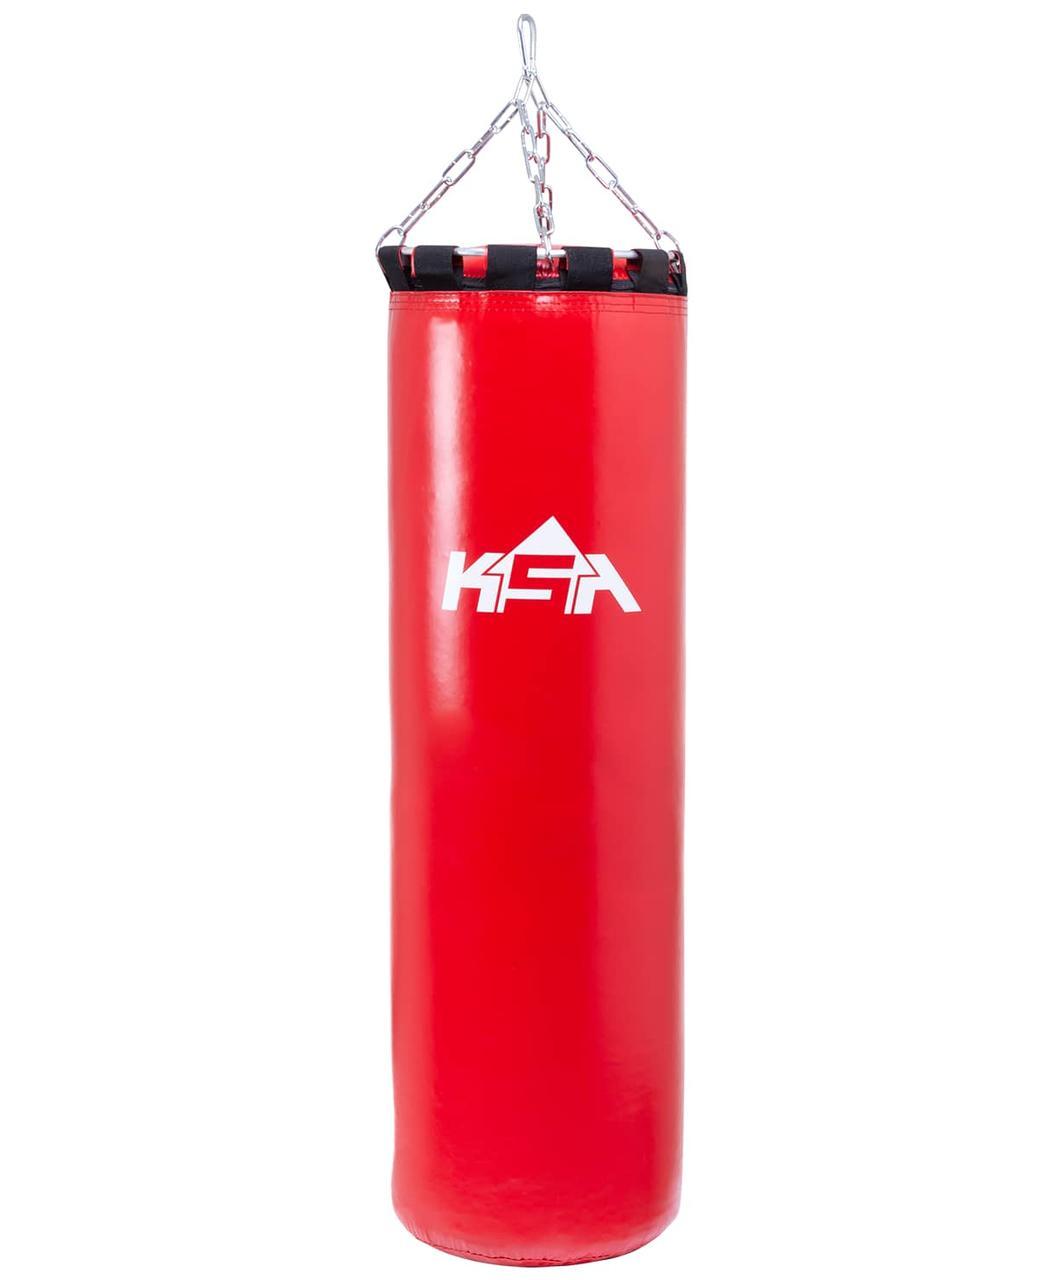 Мешок боксерский PB-01, 75 см, 20 кг, тент, красный KSA